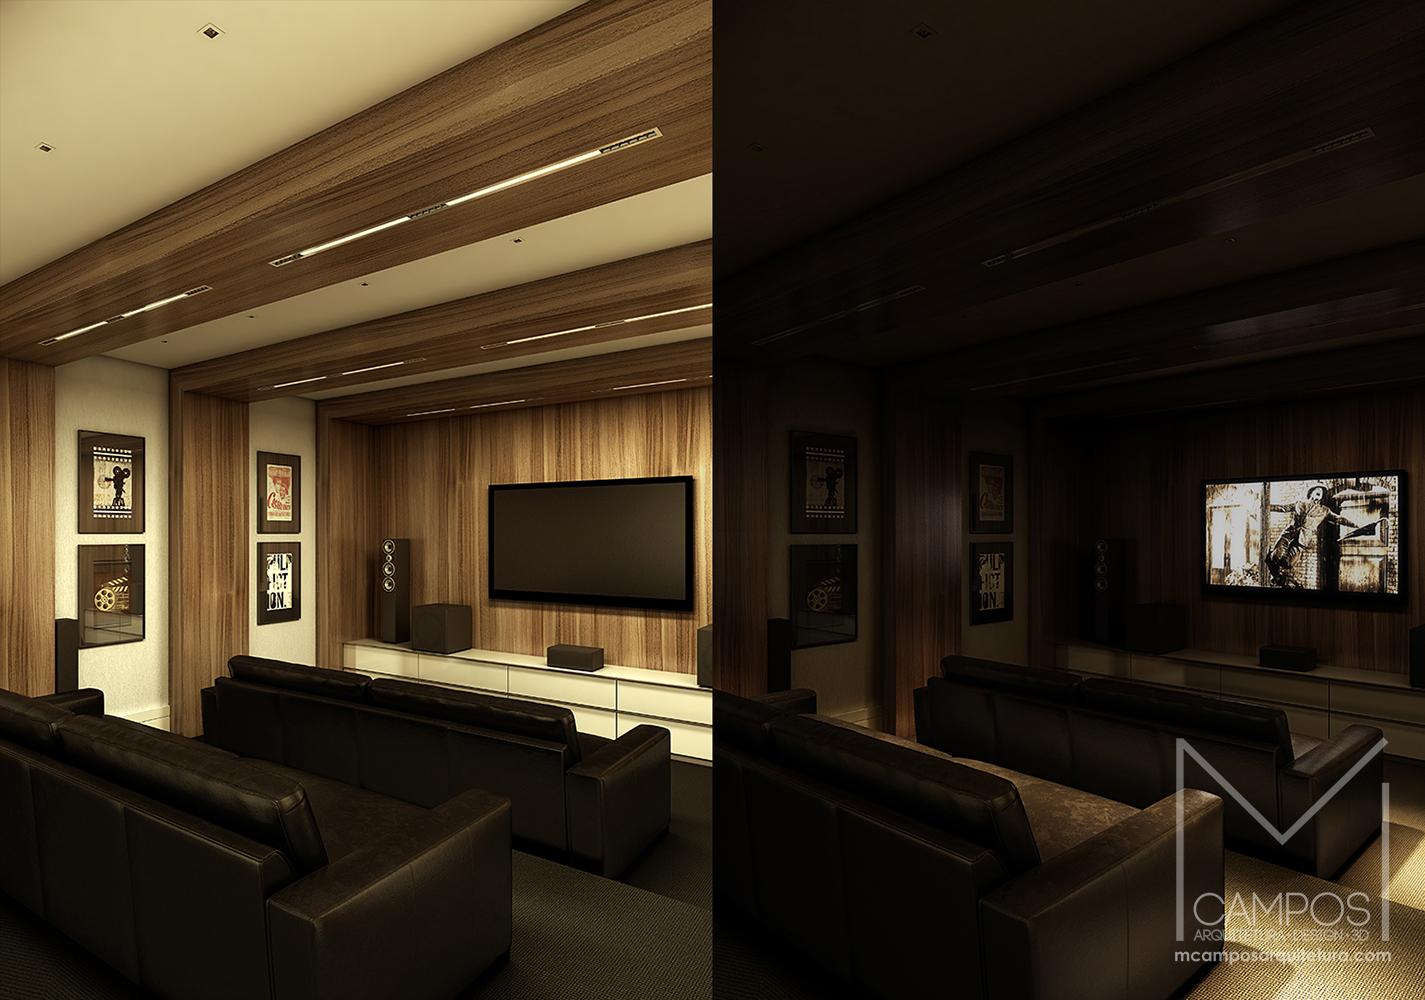 Design De Interiores Home Theater Aceso E Apagado U2013 Projeto E Maquete  Eletronica 3D U2013 Belo Horizonte BH U2013 Miriã Campos MCampos Arquitetura